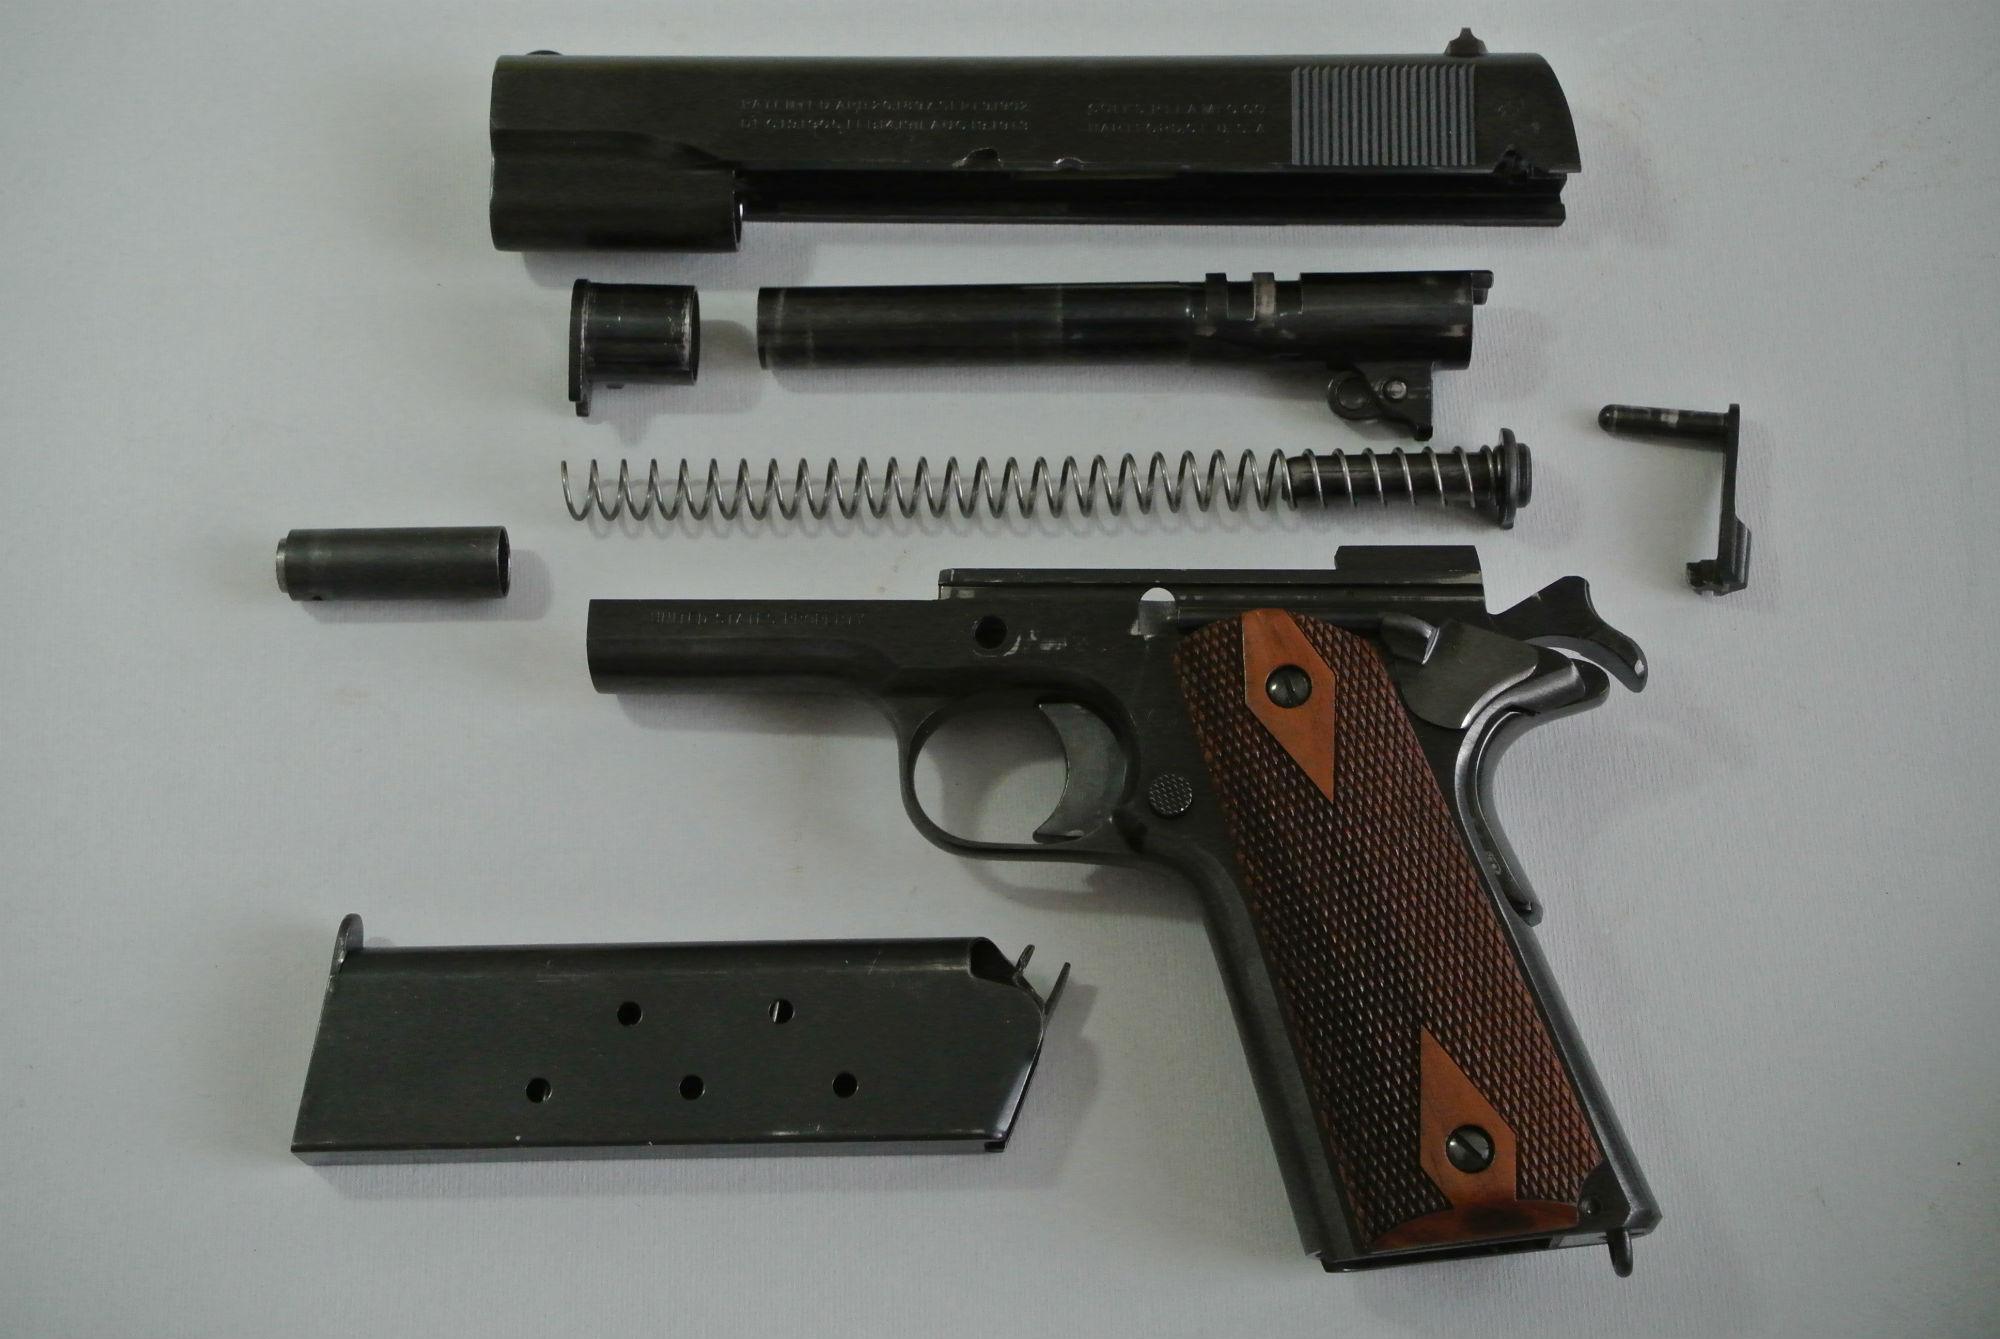 Colt 1911 WW1 replica - all4shooters.com